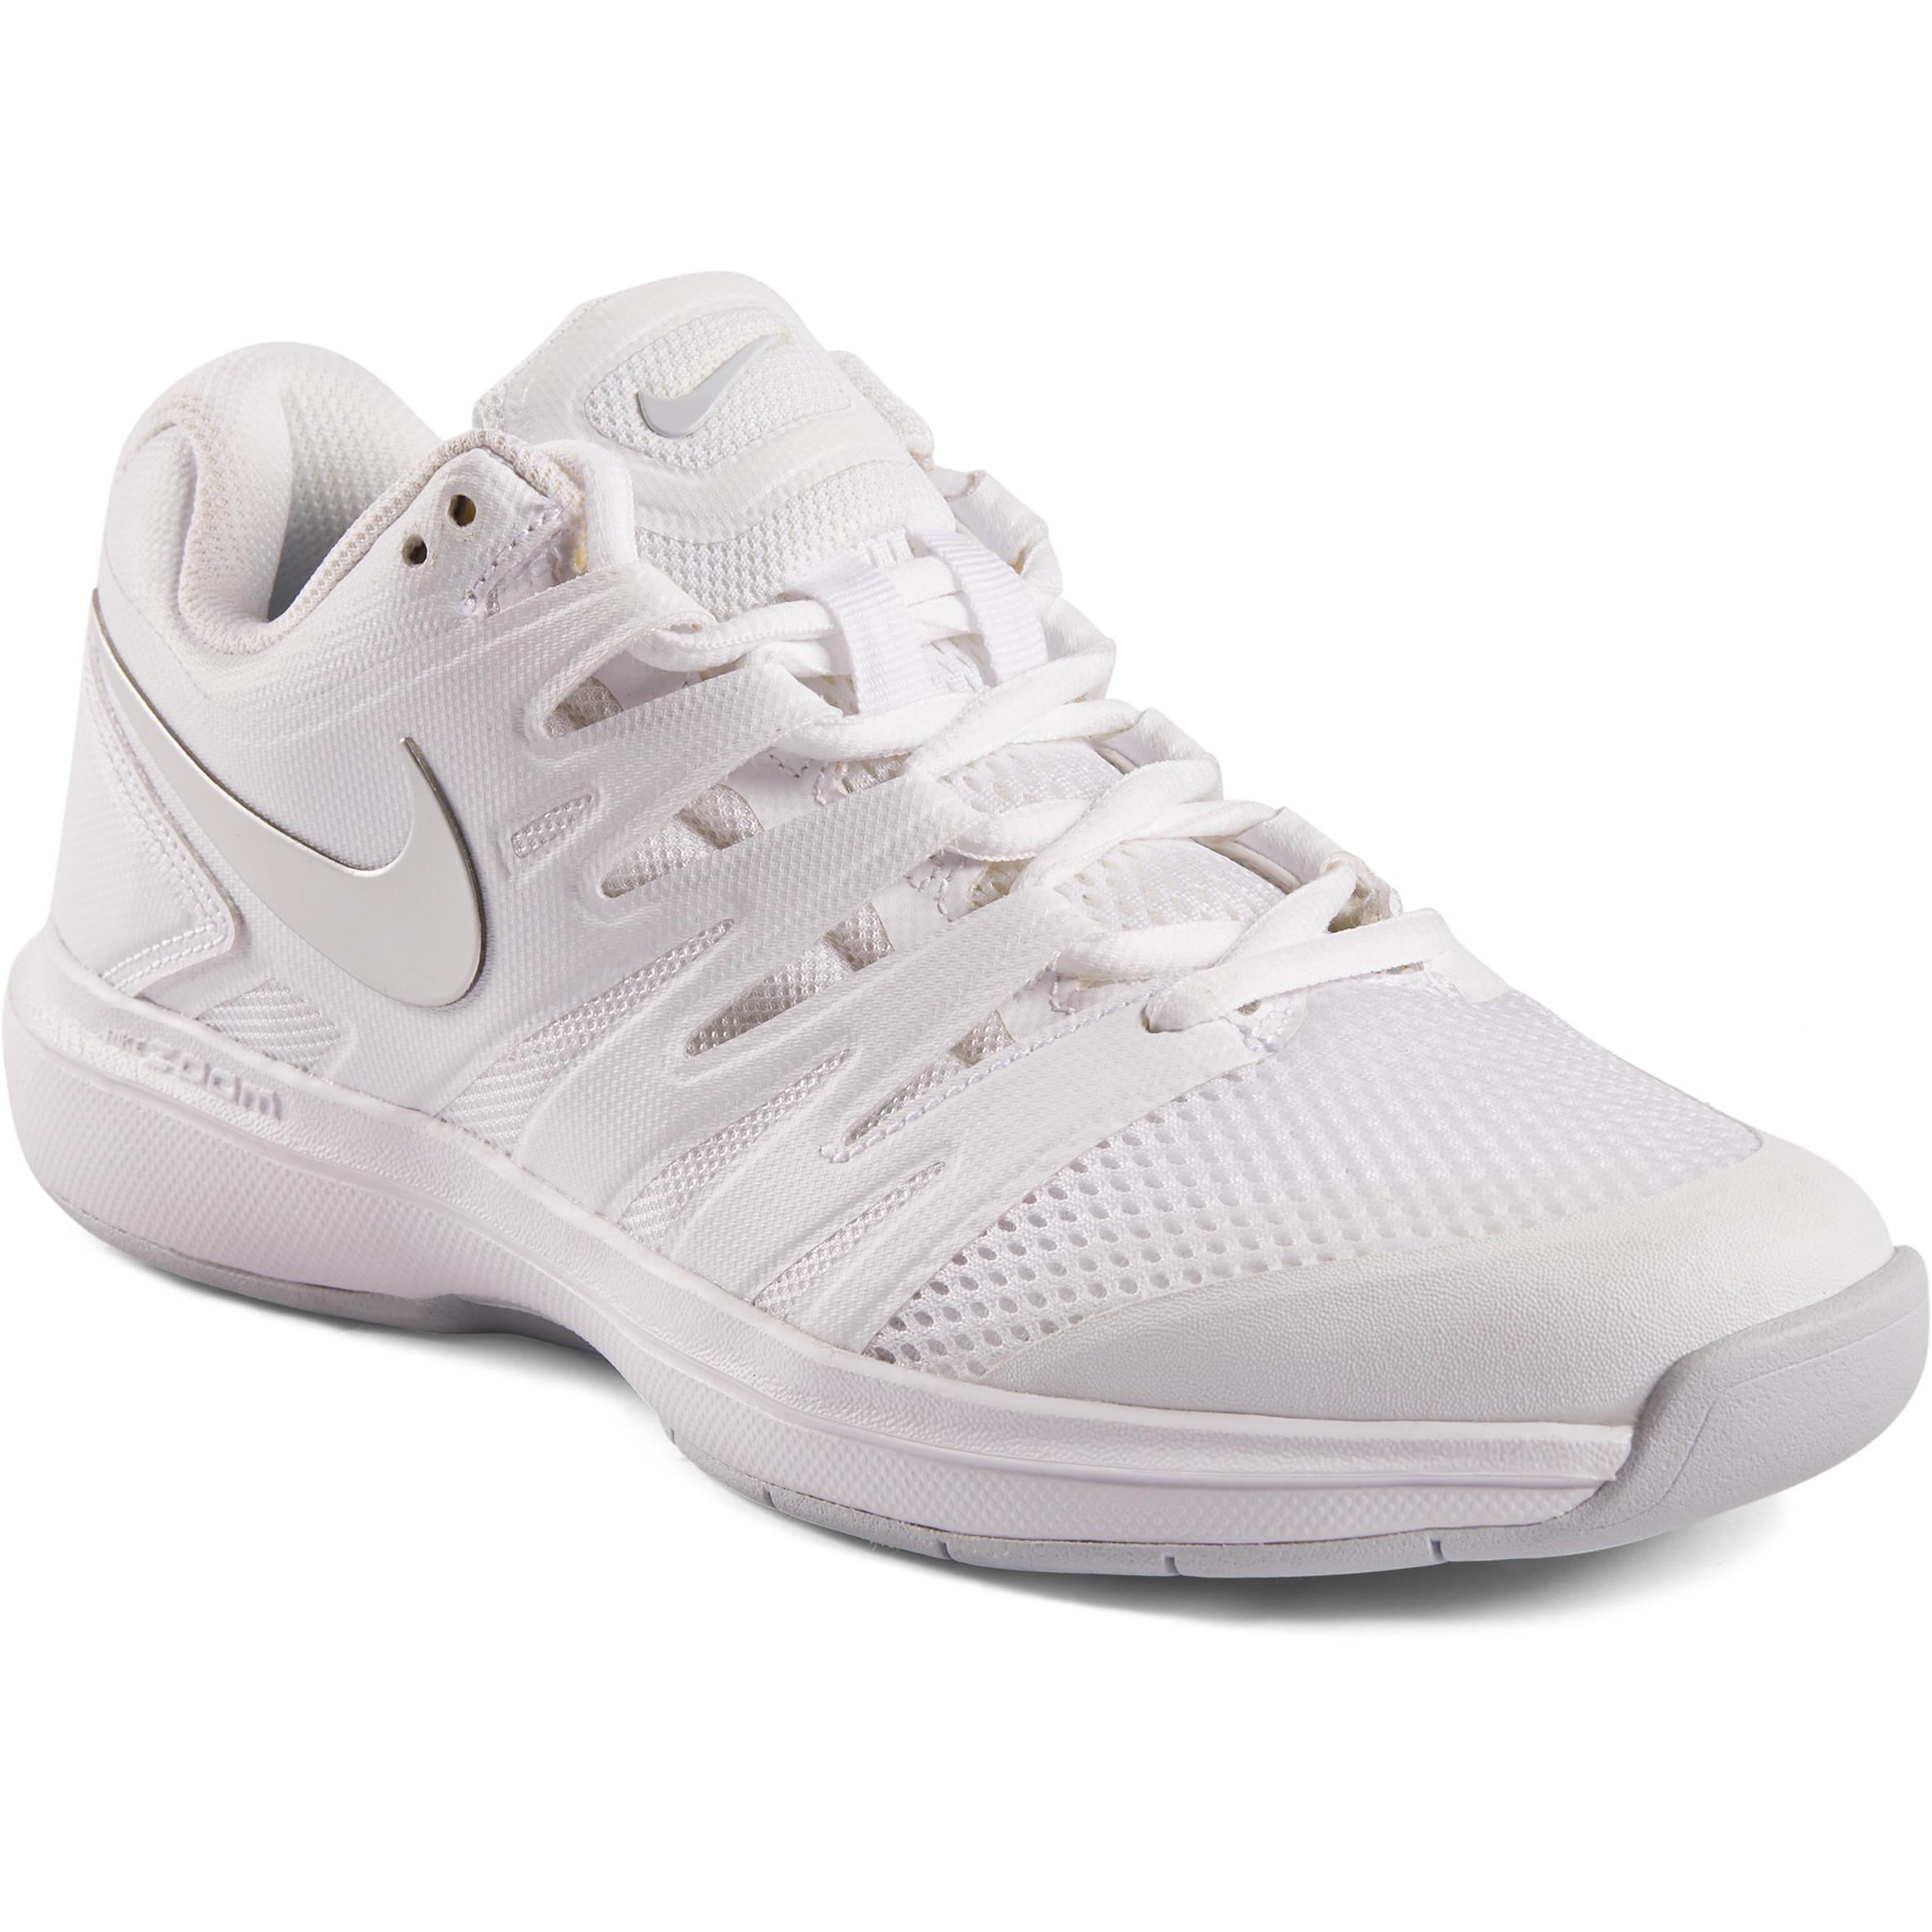 Tennisschuhe Zoom Prestige Indoor Damen weiß | Schuhe > Sportschuhe > Tennisschuhe | Nike